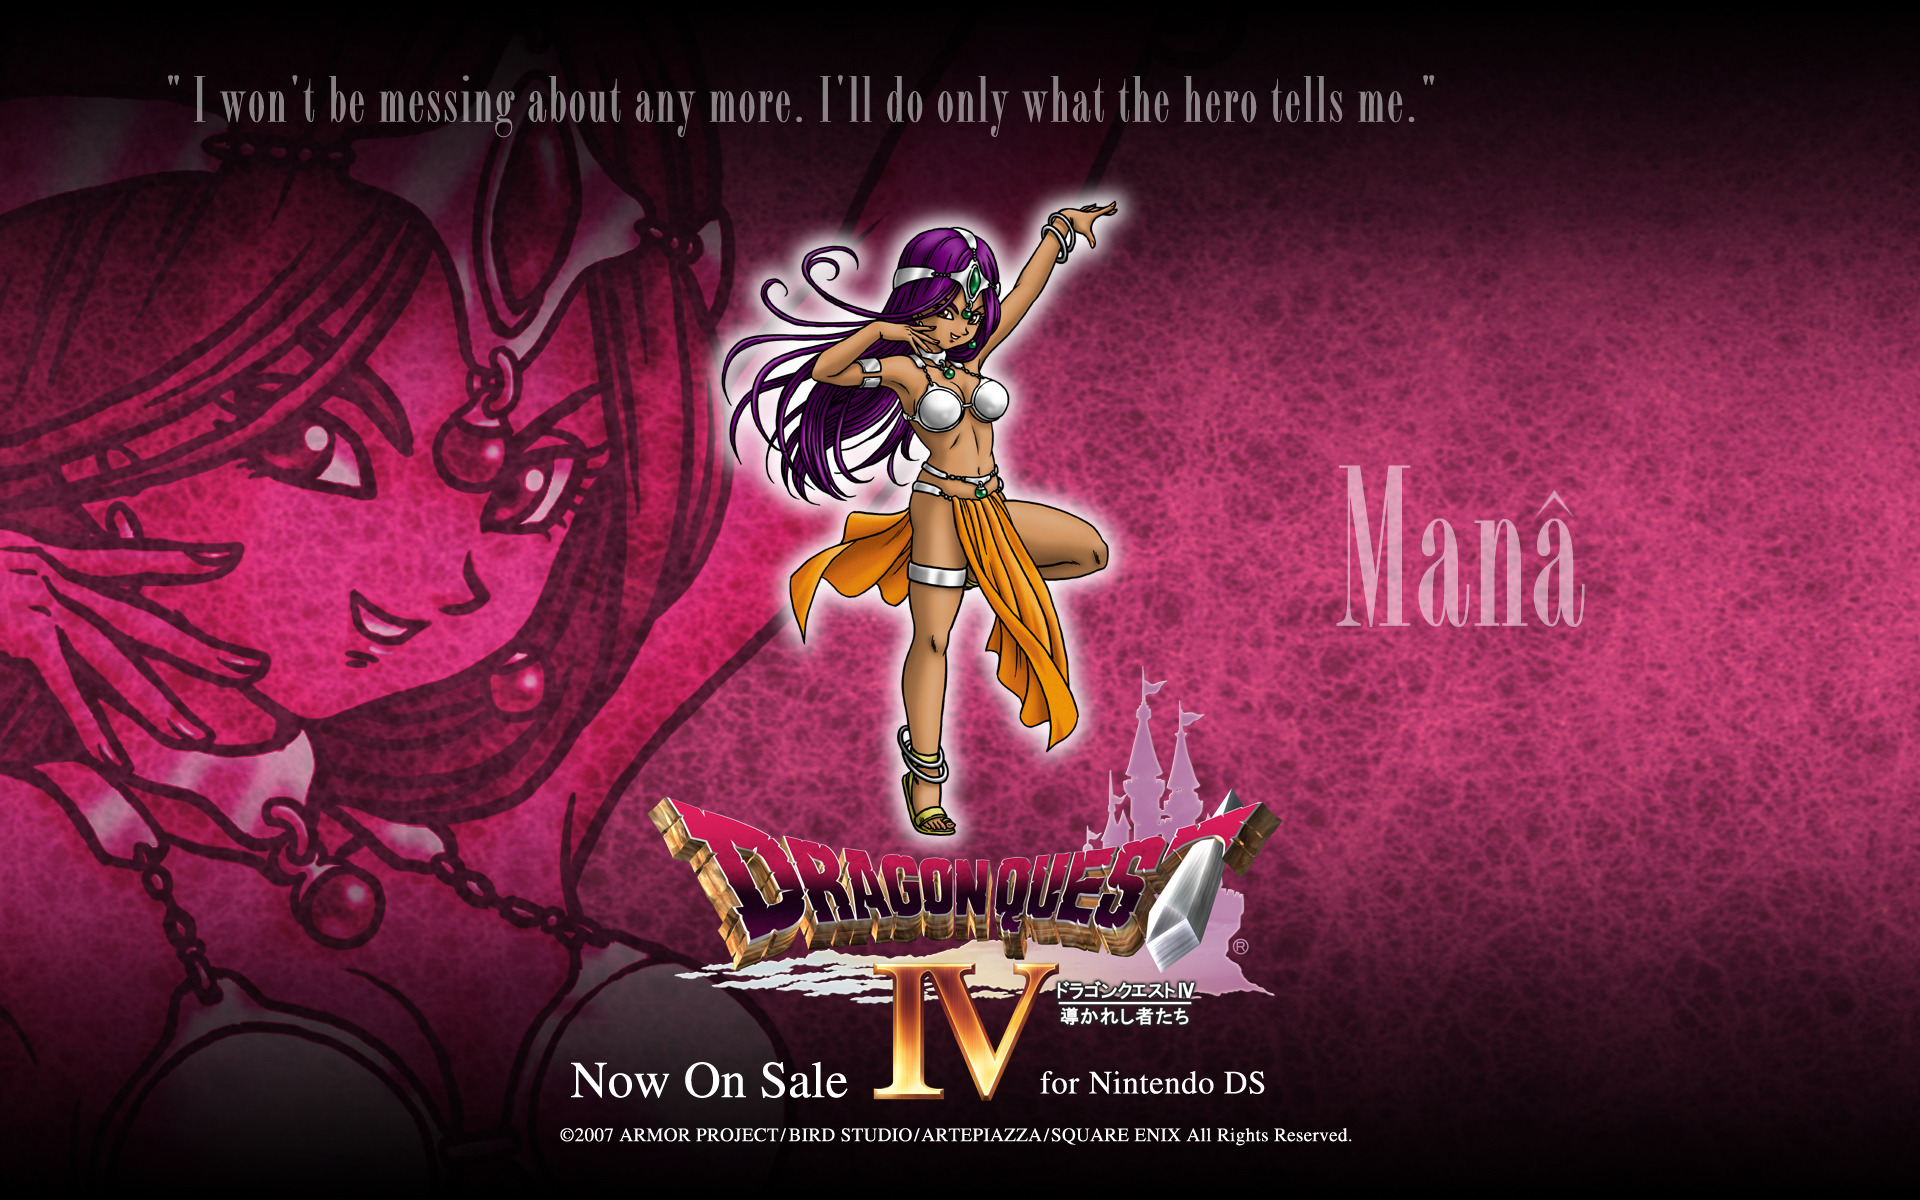 http://image.jeuxvideo.com/downloads/fonds-ecrans-wallpaper/00003249/dragon-quest-l-epop-e-des-elus-9934-wp.jpg